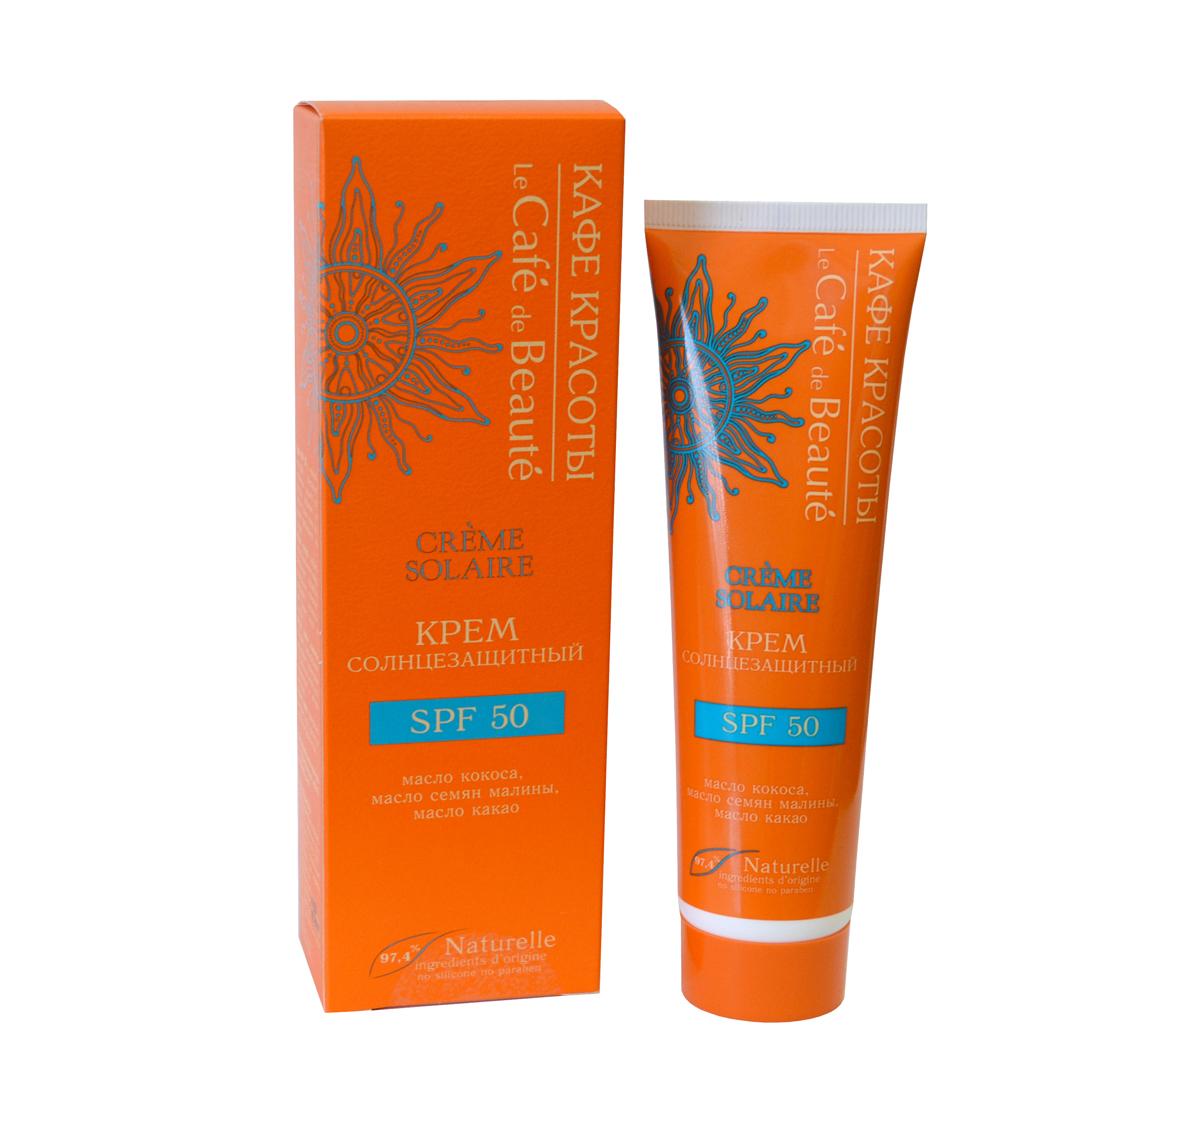 Кафе Красоты Солнцезащитный крем SPF 50 La Cafe De Bote 100 мл4627090991368Крем с нежноий текстуроий обеспечит надежную защиту от солнца, увлажнит и смягчит Вашу кожу во время пребывания на солнце. Масло кокоса глубоко питает и увлажняет кожу, стимулирует процессы регенерации, помогает удерживать оптимальный баланс влаги в клетках. Масло зародышей пшеницы прекрасно смягчает кожу, делая ее нежной и бархатистой. Масло манго помогает защитить кожу от солнечных лучей, а также облагает мощным увлажняющим свойством.